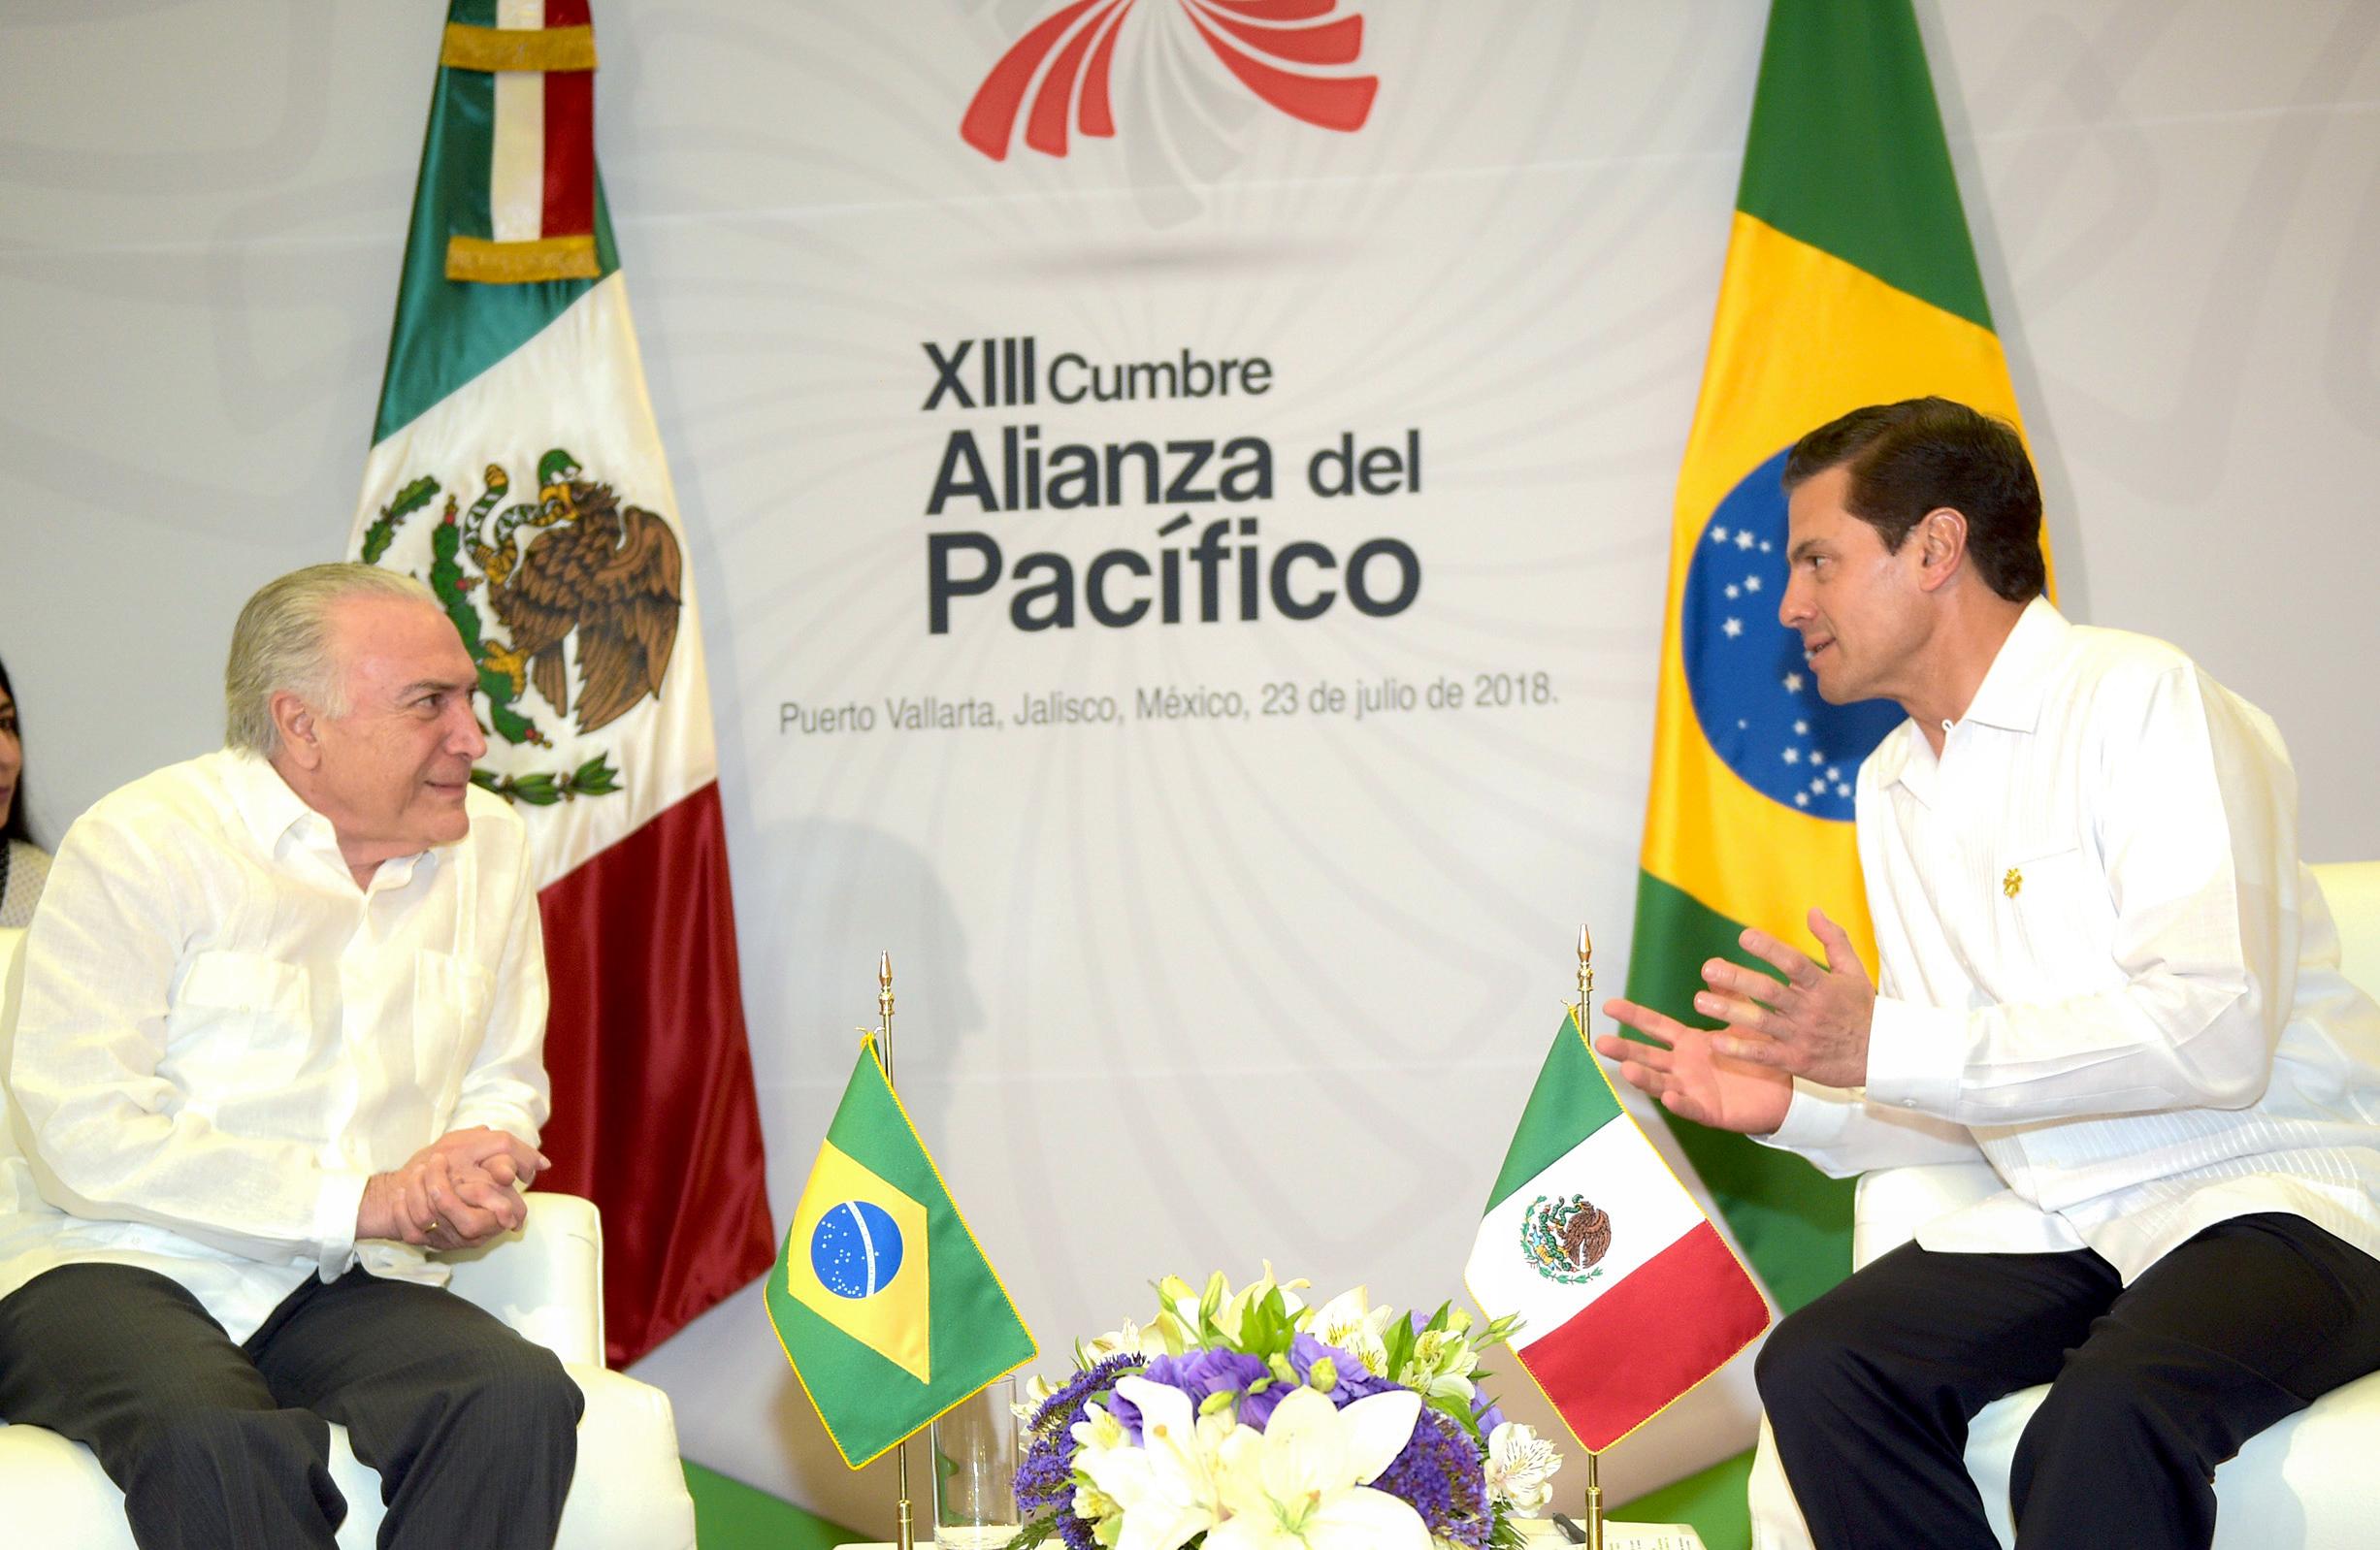 En el marco de la XIII Cumbre de la Alianza del Pacífico, el Presidente Enrique Peña Nieto, sostuvo una reunión bilateral con Michel Temer, Presidente de la República Federativa del Brasil.